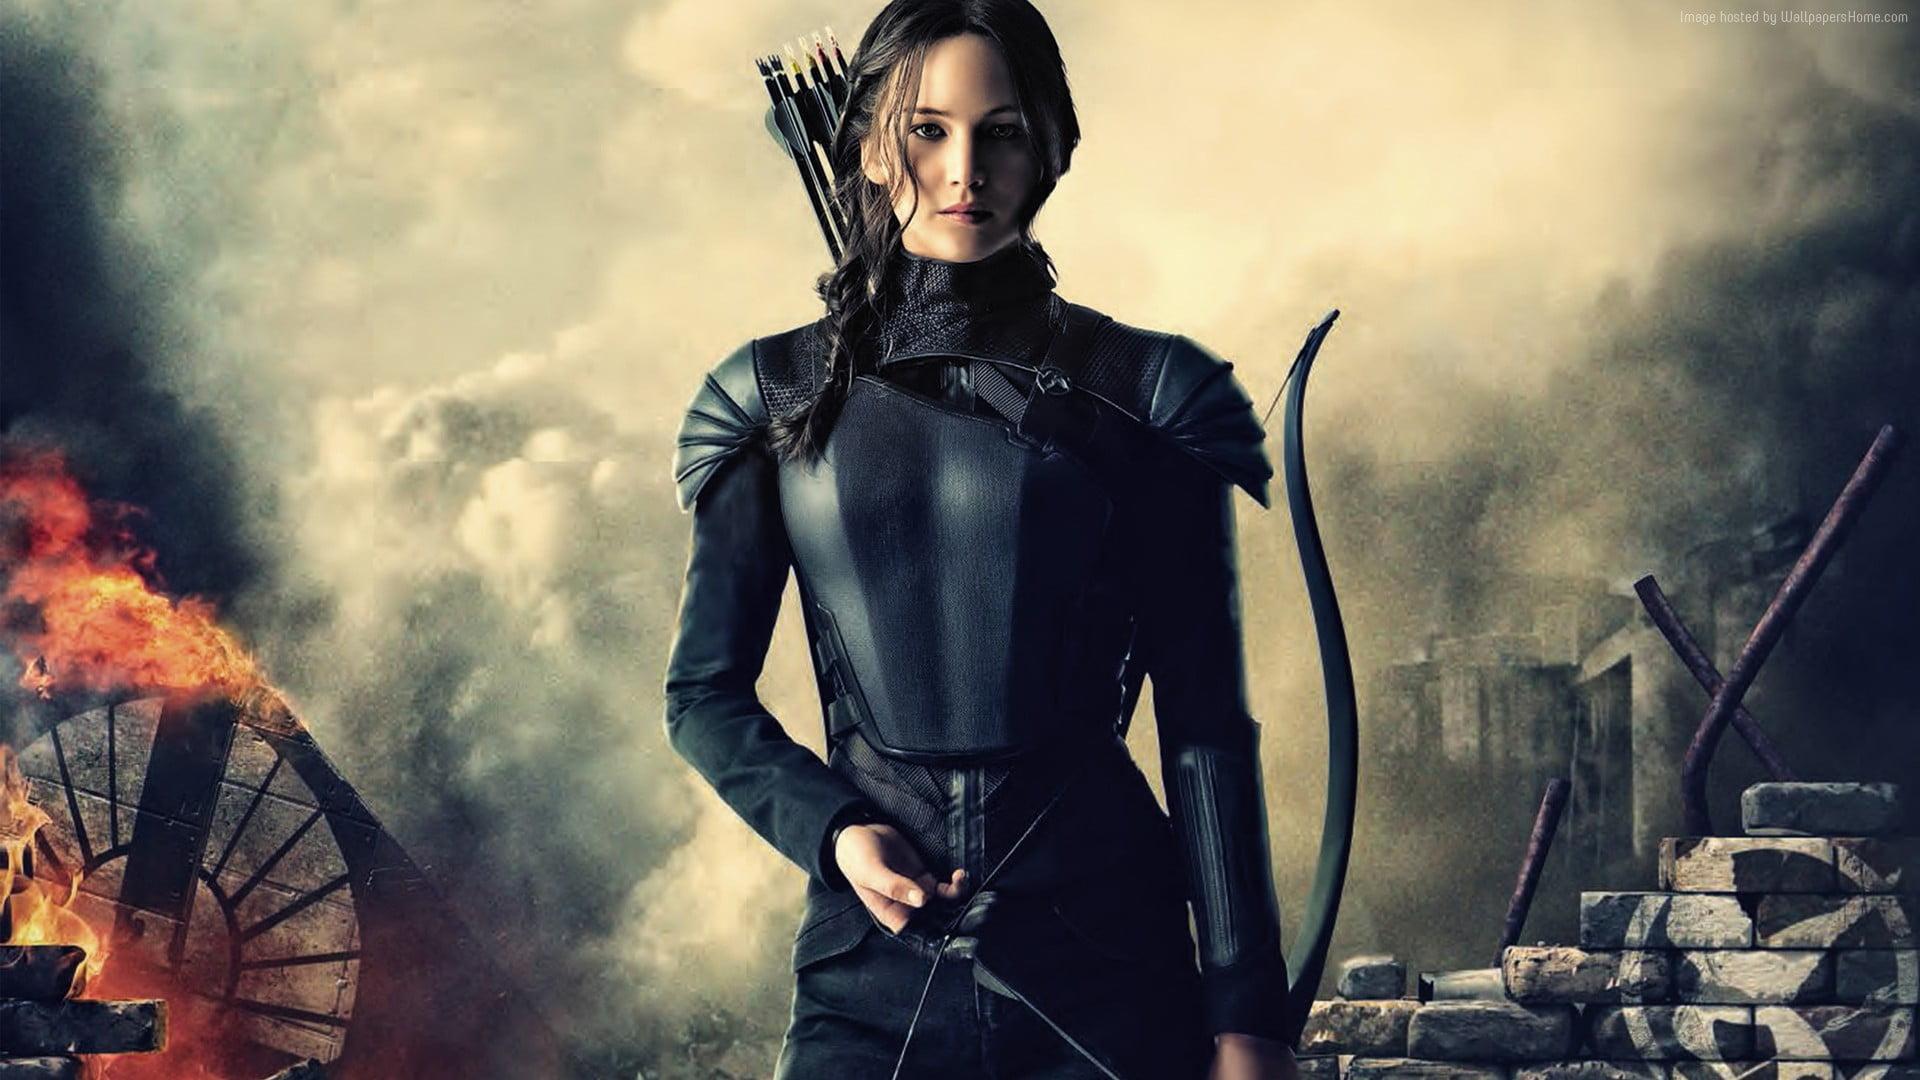 Katniss Everdeen HD wallpaper Wallpaper Flare 1920x1080